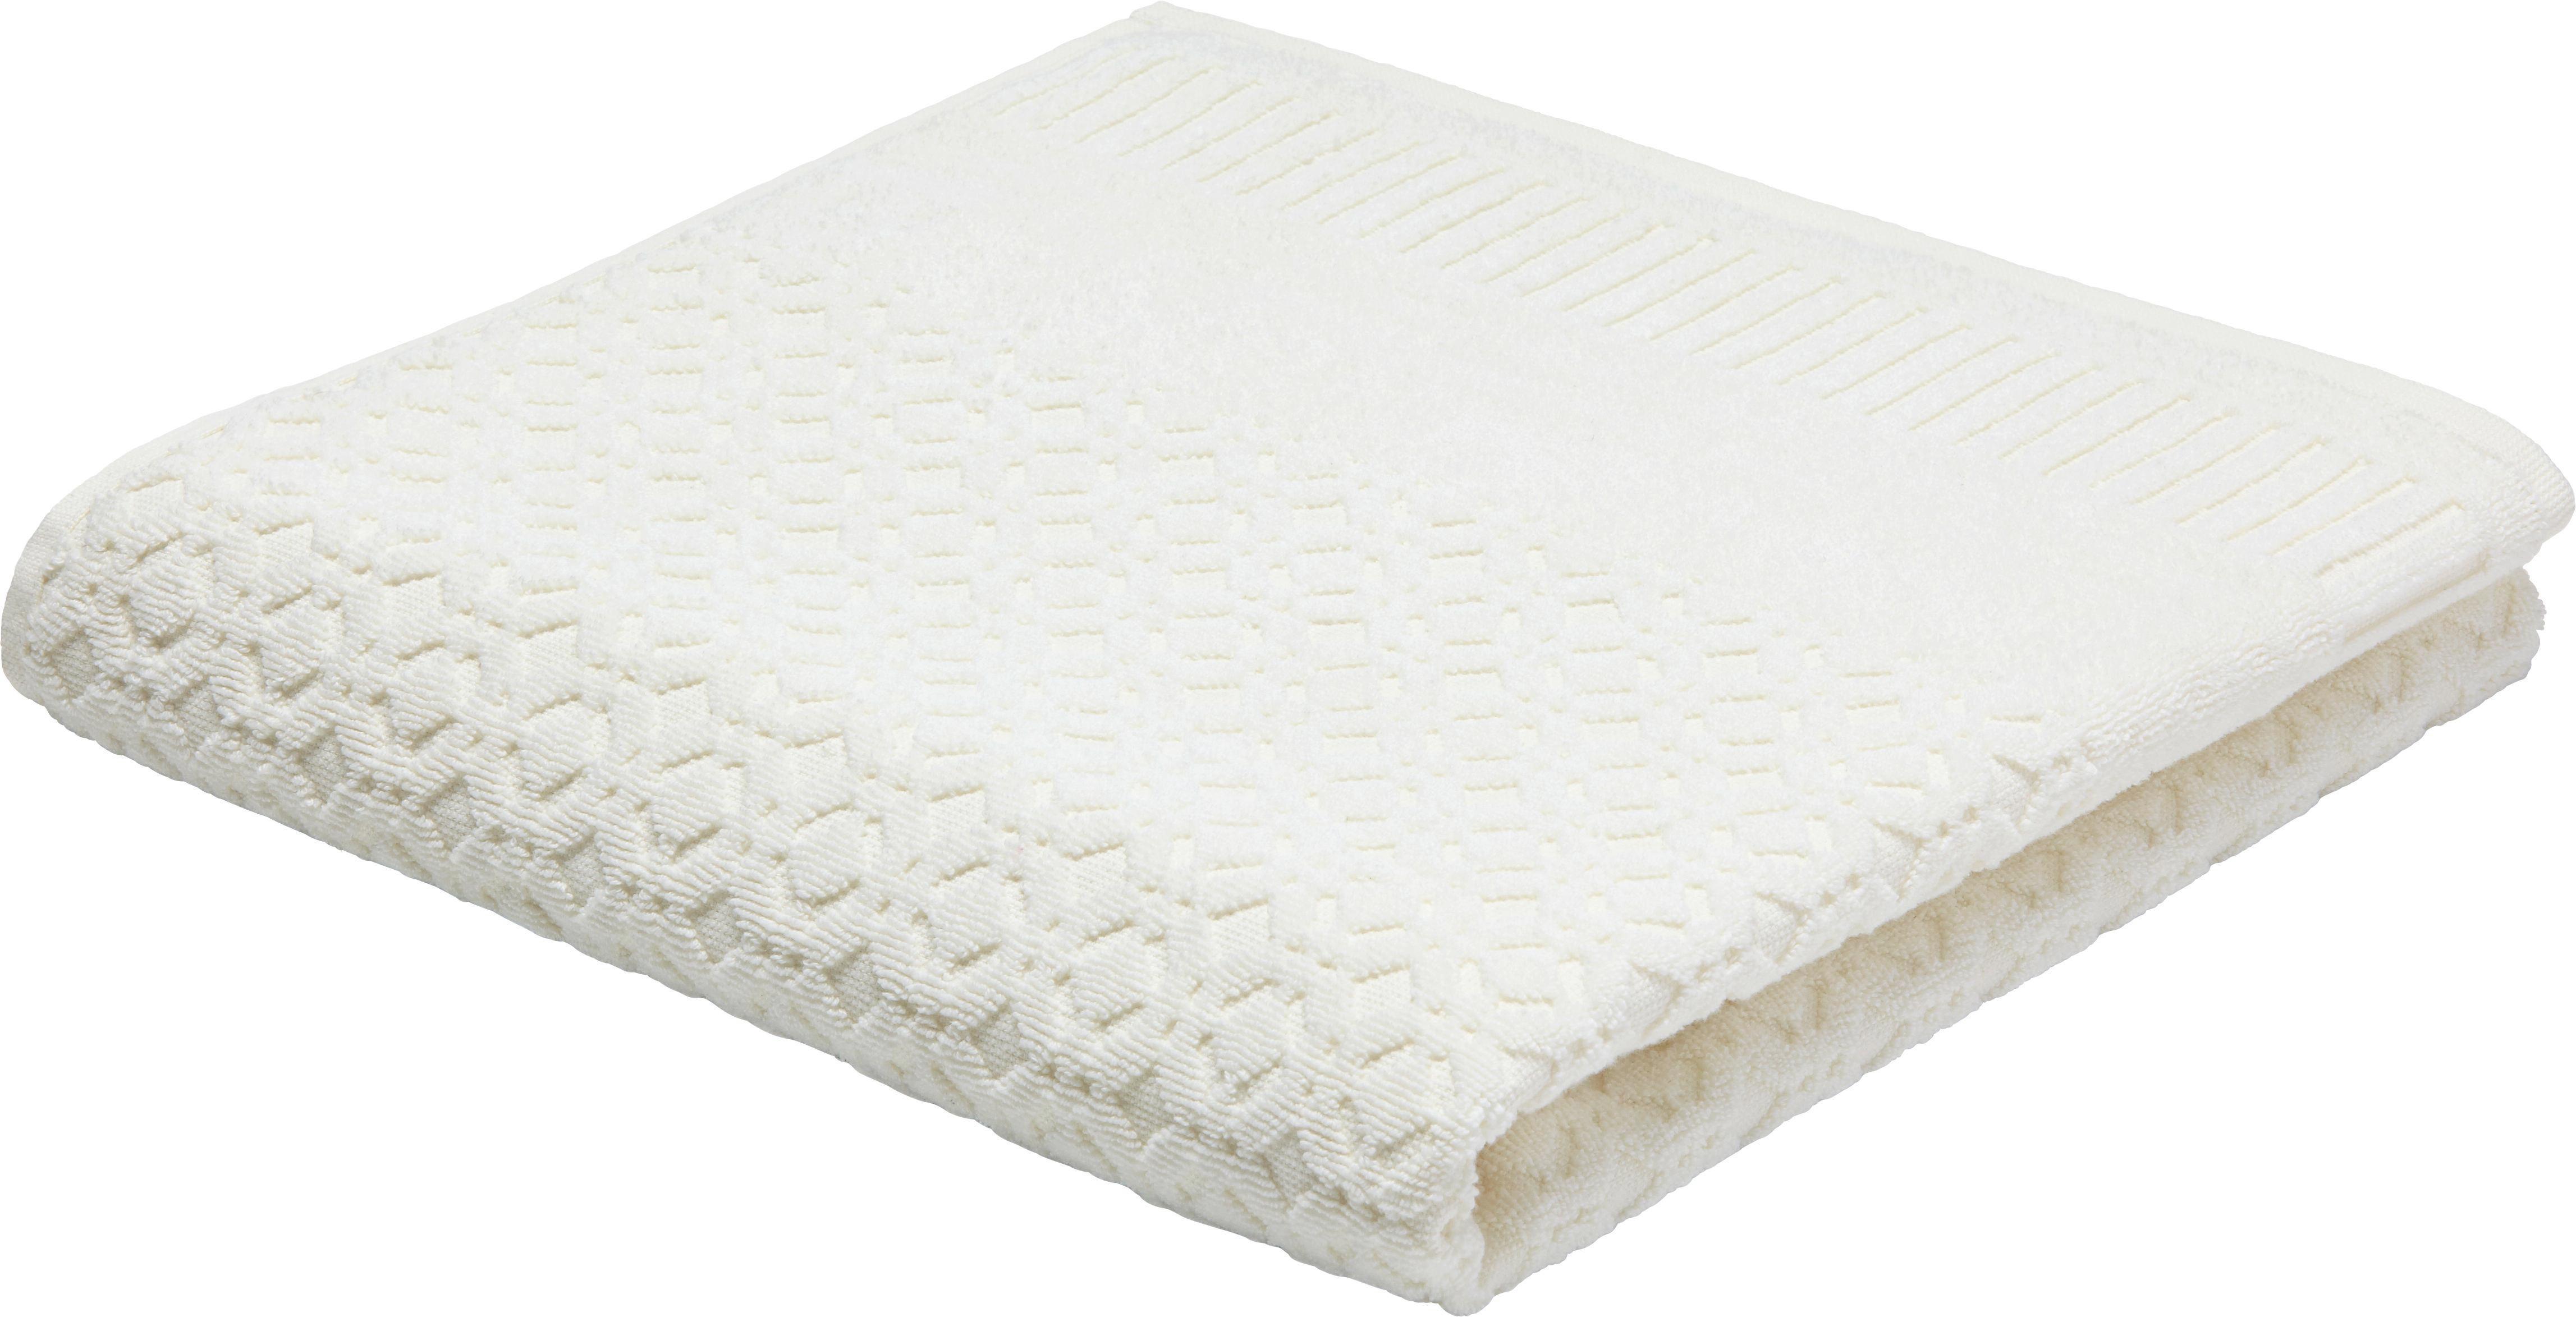 Gästetuch Carina in Weiß - Weiß, ROMANTIK / LANDHAUS, Textil (30/50cm) - MÖMAX modern living